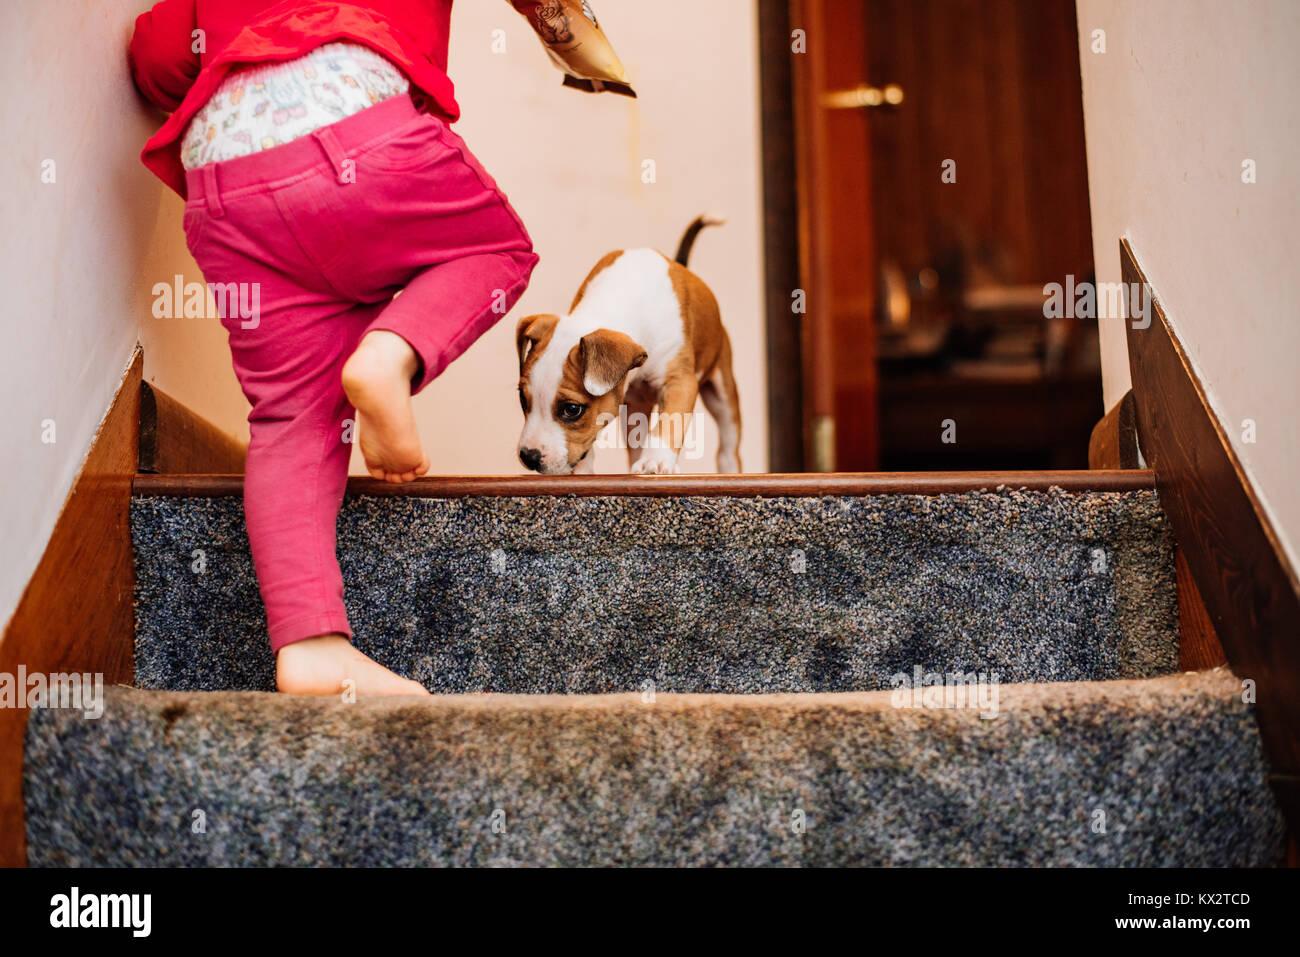 Un bambino ragazza cammina su per le scale mentre un cucciolo cammina verso di lei. Immagini Stock